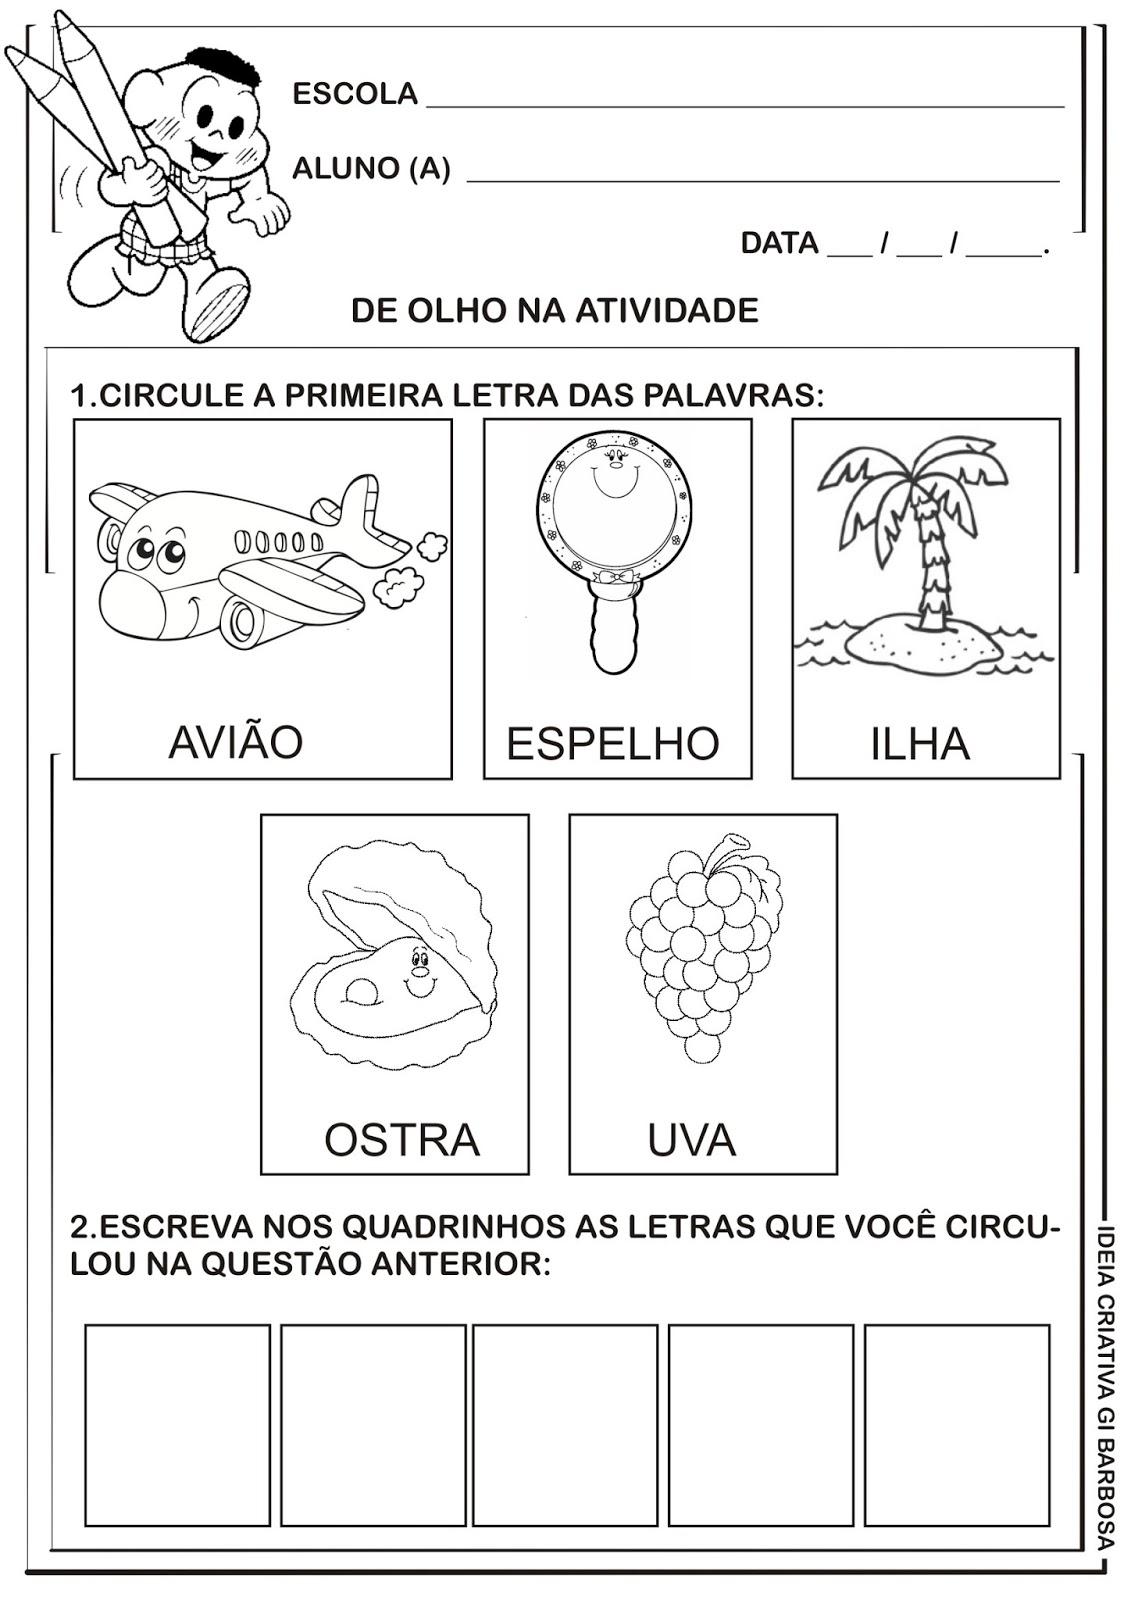 Excepcional Atividade Educação Infantil Vogais | Ideia Criativa - Gi Barbosa  TM04